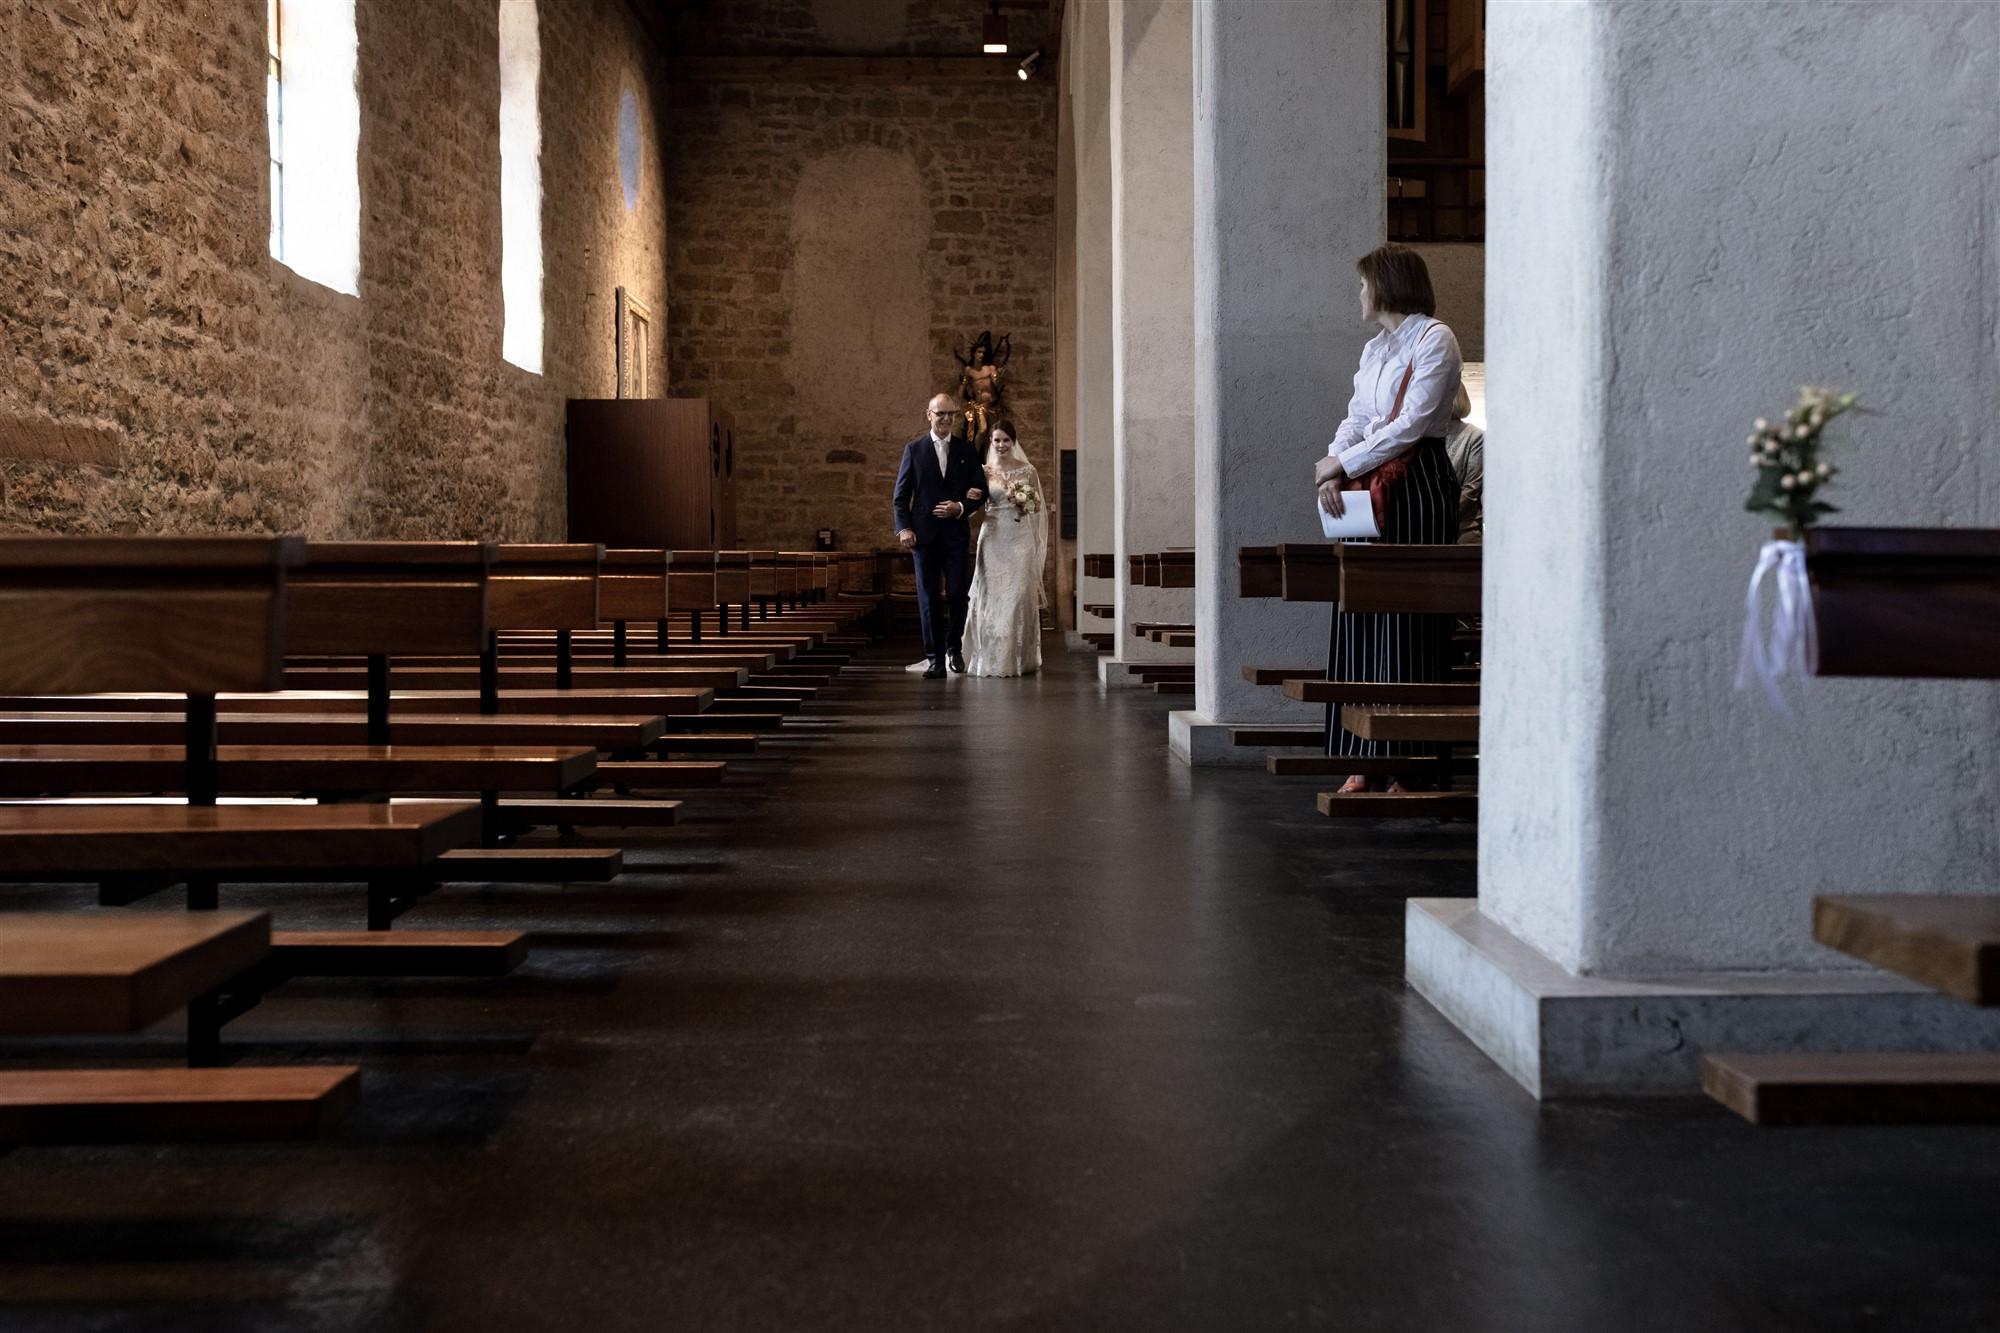 Einzug der Braut - Kirche in Oberwil - Hochzeit